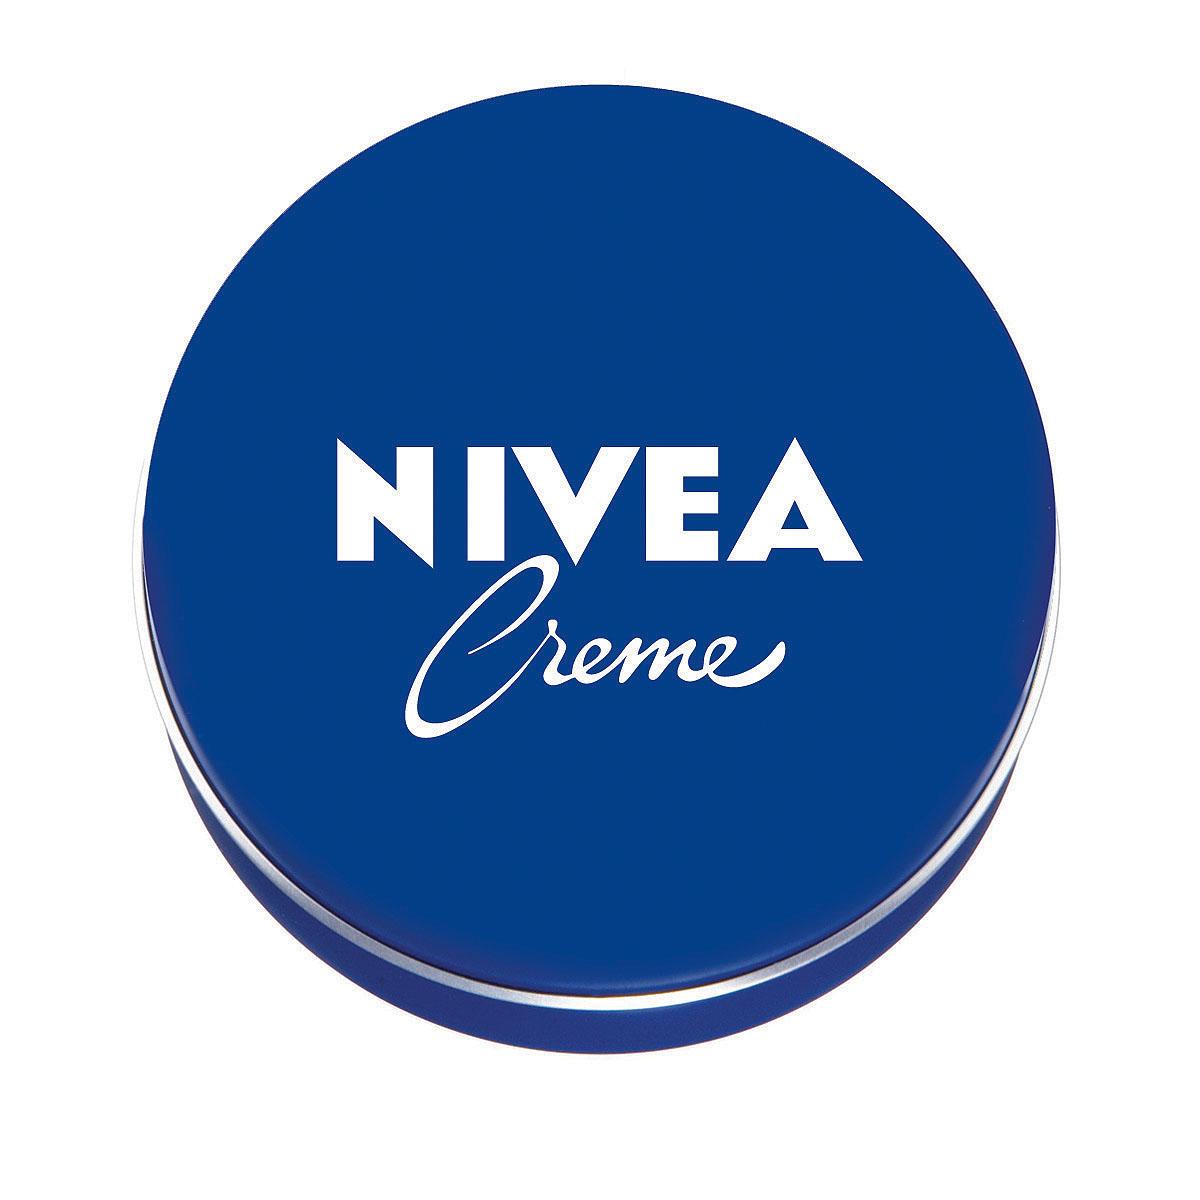 NIVEA Крем для ухода за кожей250 мл100115052Крем для тела Nivea питает и бережно ухаживает за кожей тела, особенно за сухими участками, благодаря уникальной формуле с эвцеритом. Не содержит консервантов, поэтому подходит даже для нежной детской кожи.Дерматологически протестирован.Товар сертифицирован.